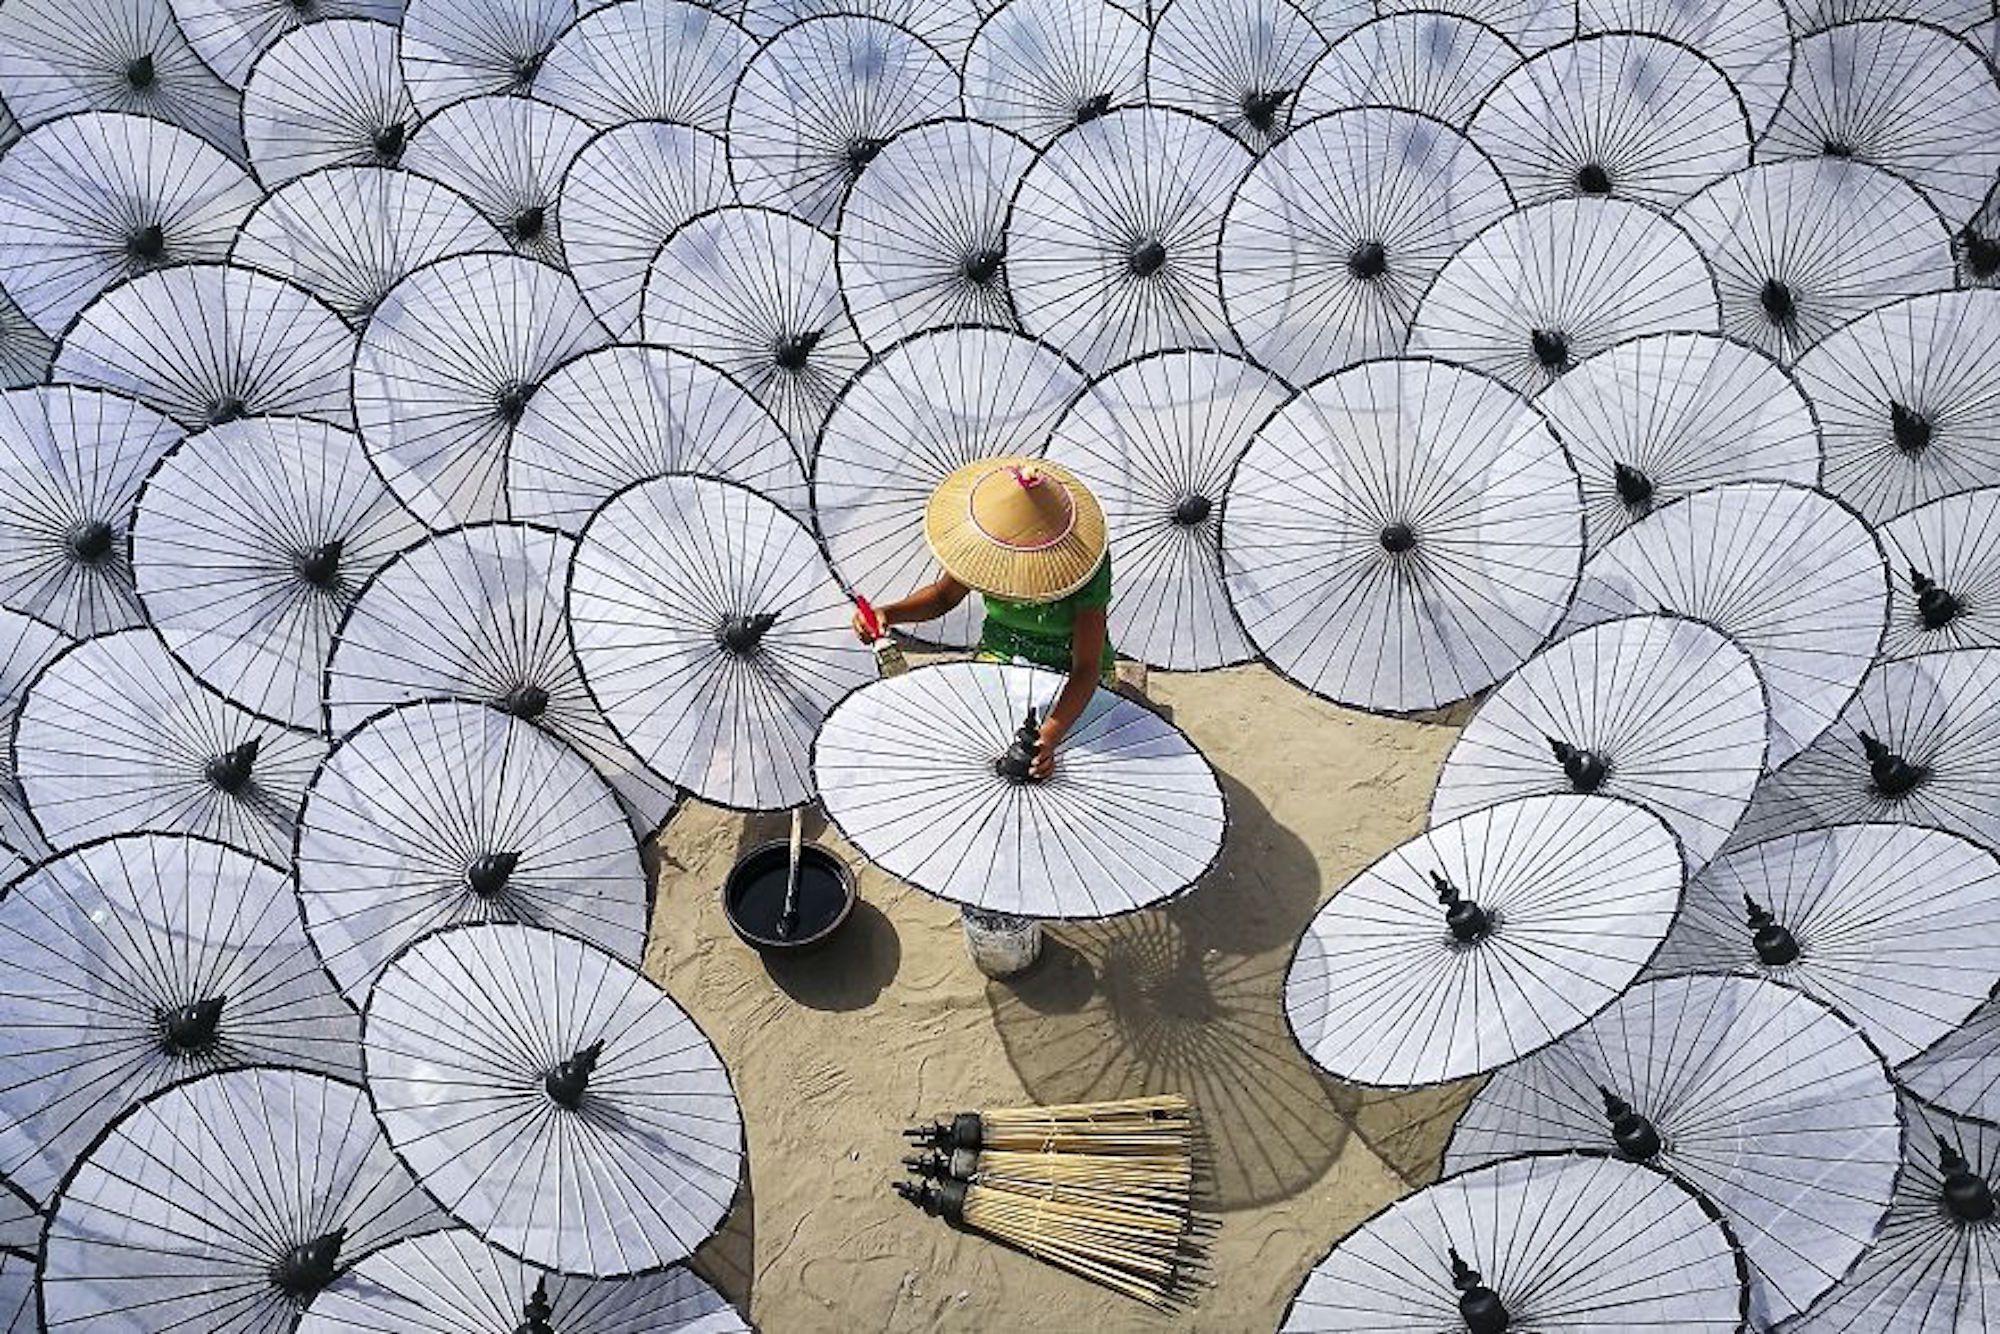 Fábrica de guarda-chuvas tradicionais em Mandalay, Mianmar